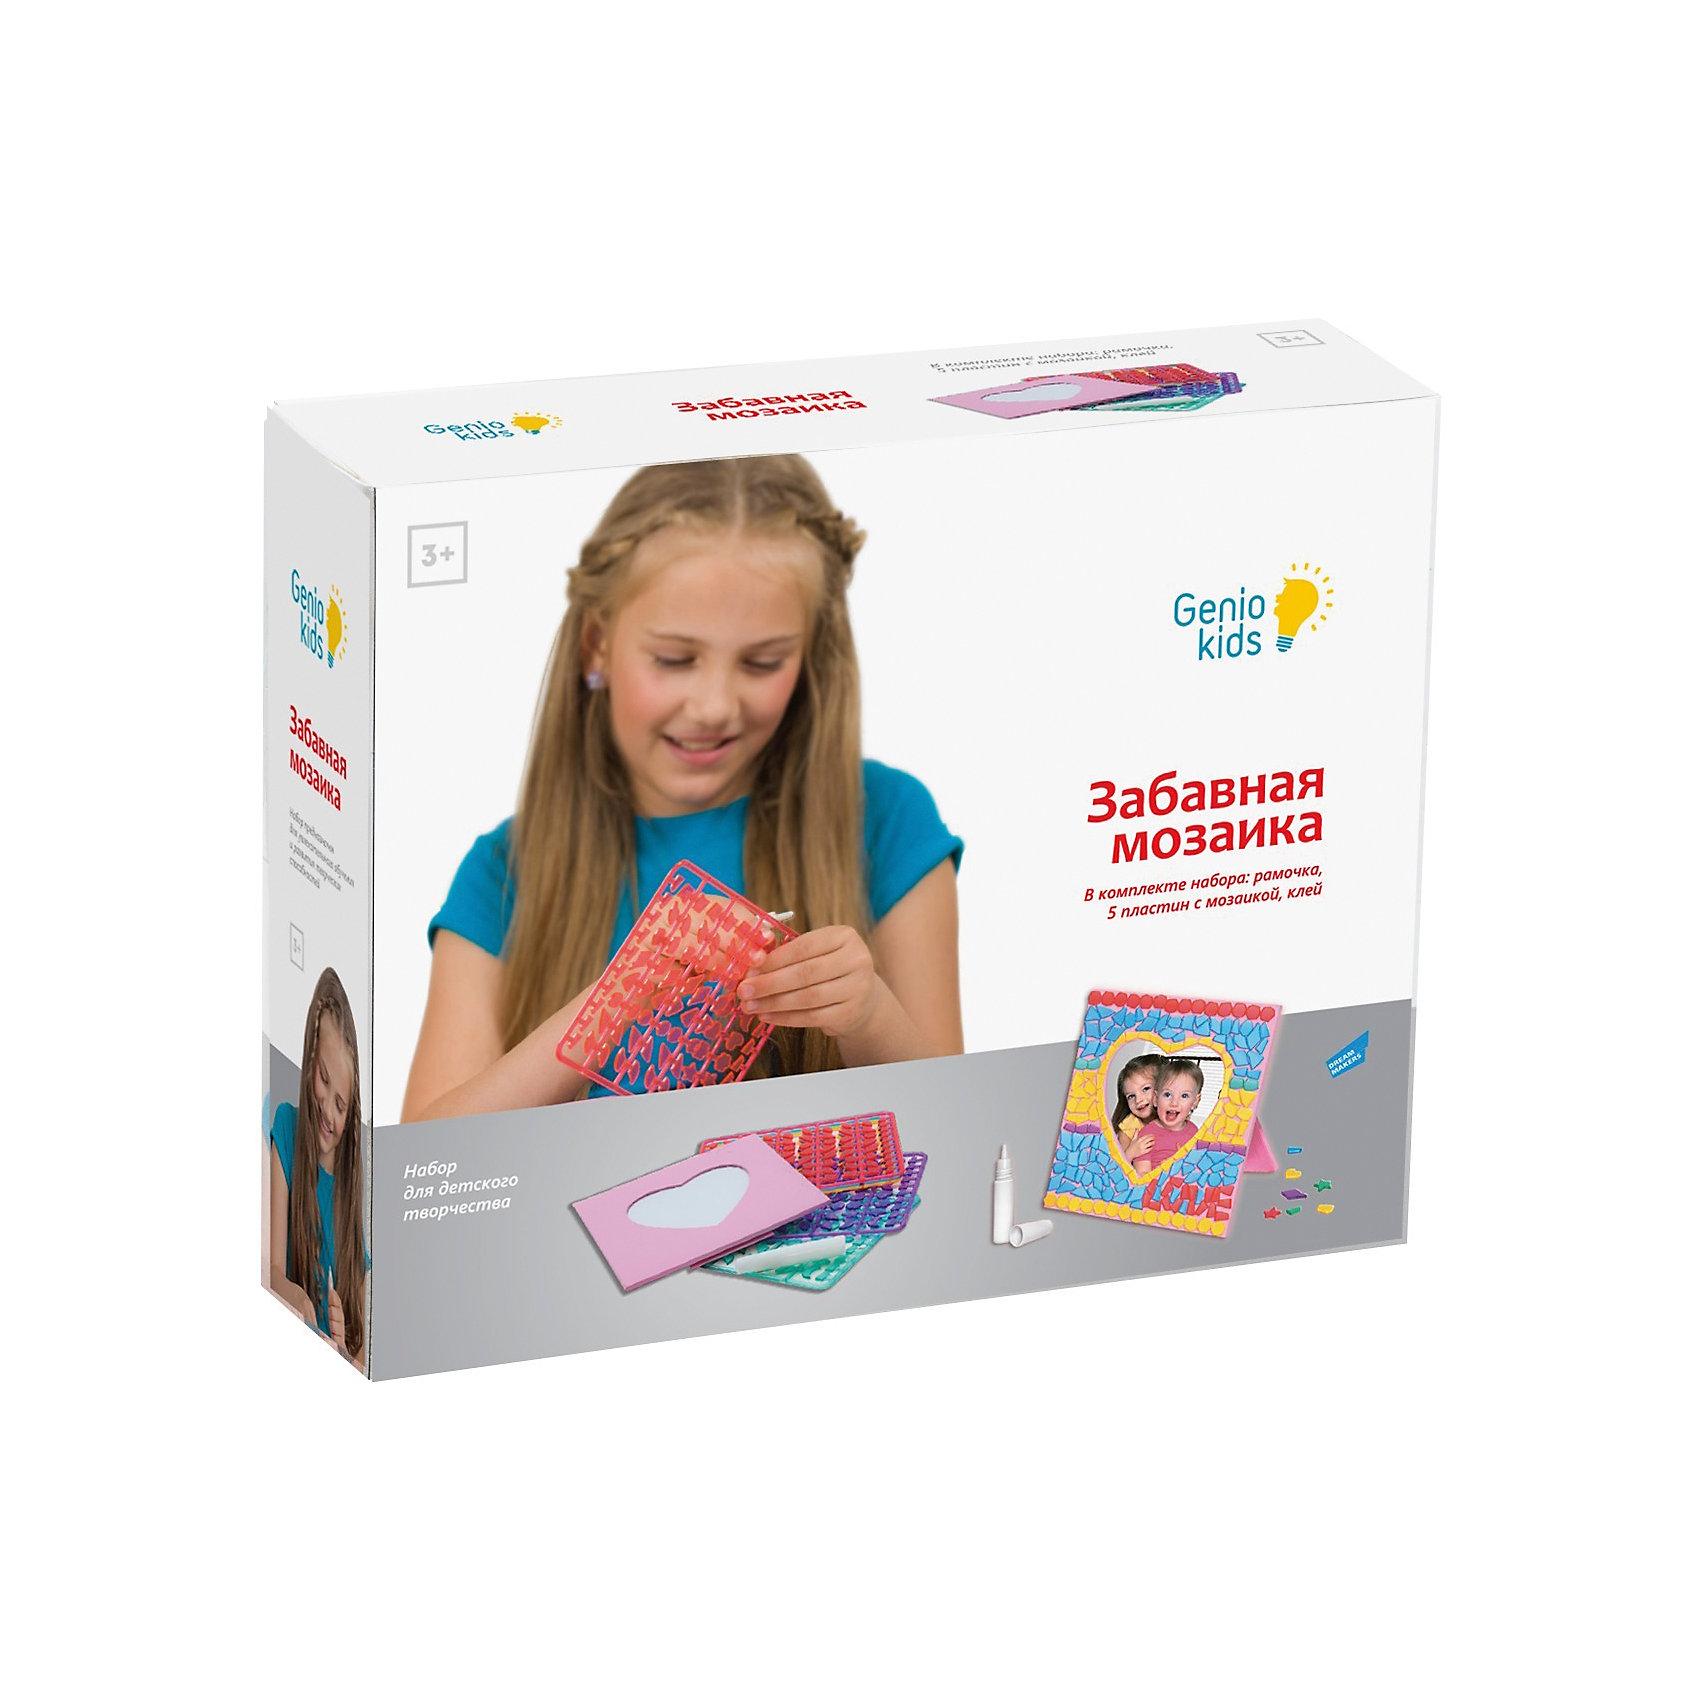 """Genio Kids Набор для детского творчества """"Забавная мозаика"""" genio kids набор для детского творчества """"шкатулка"""""""